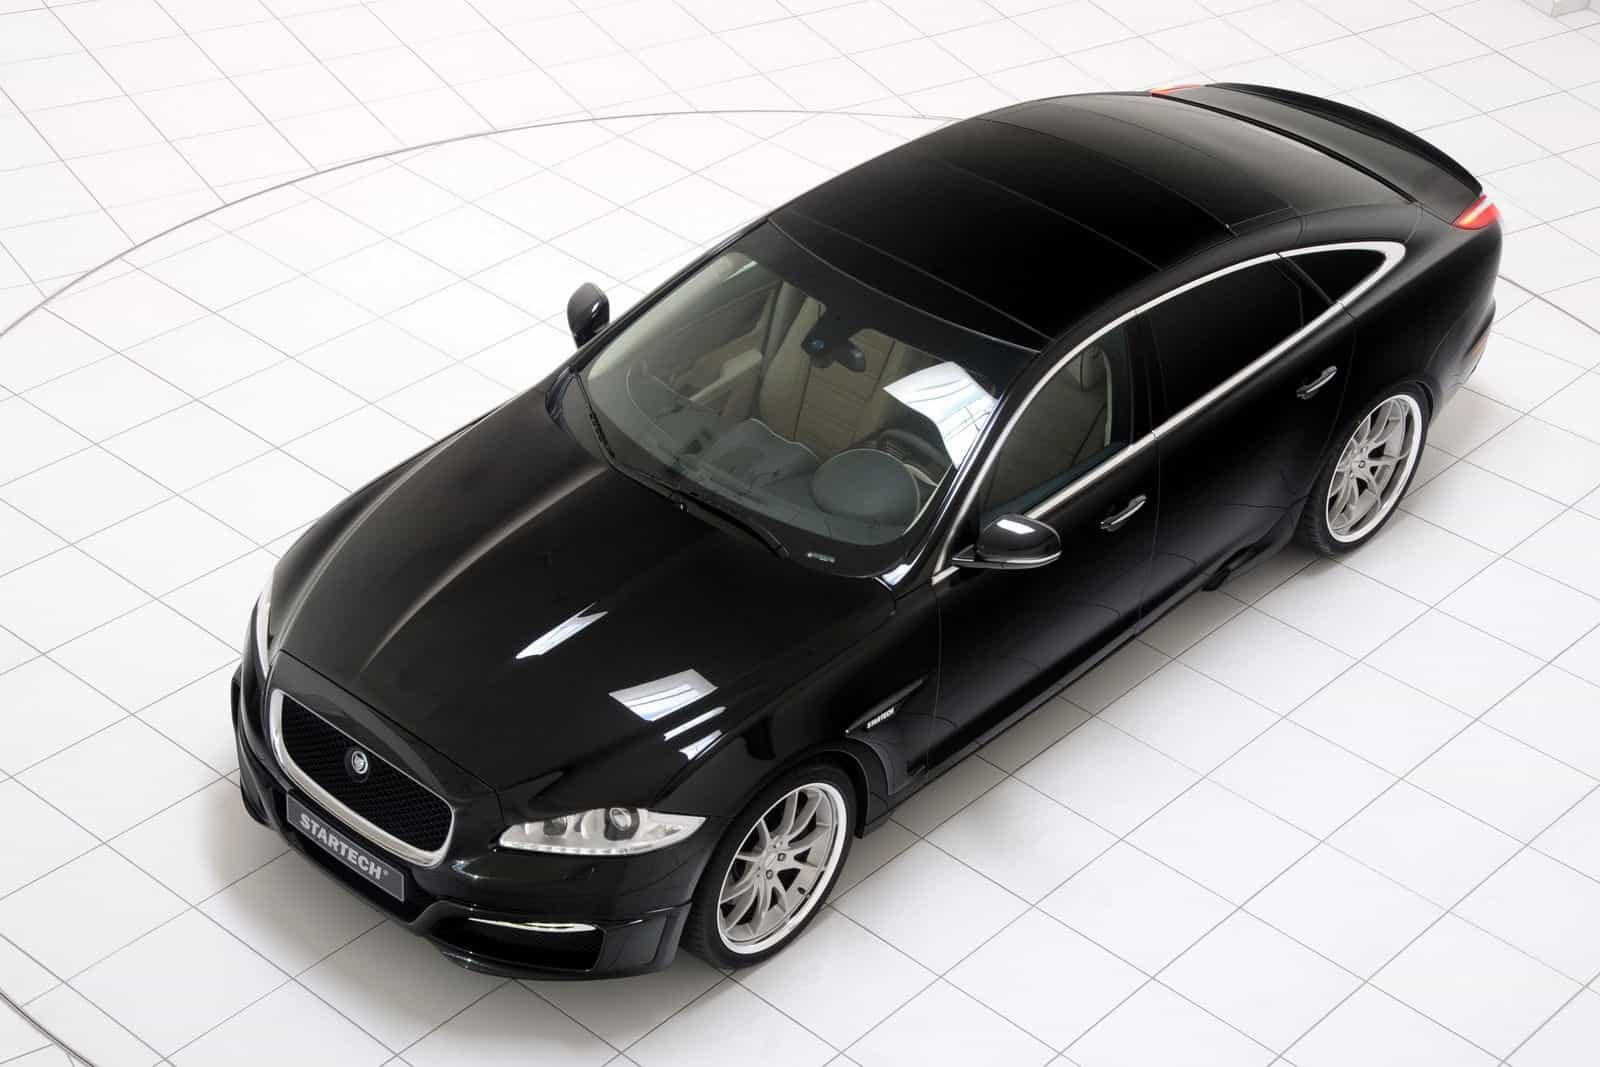 2012 Jaguar XJ tuned by Startech